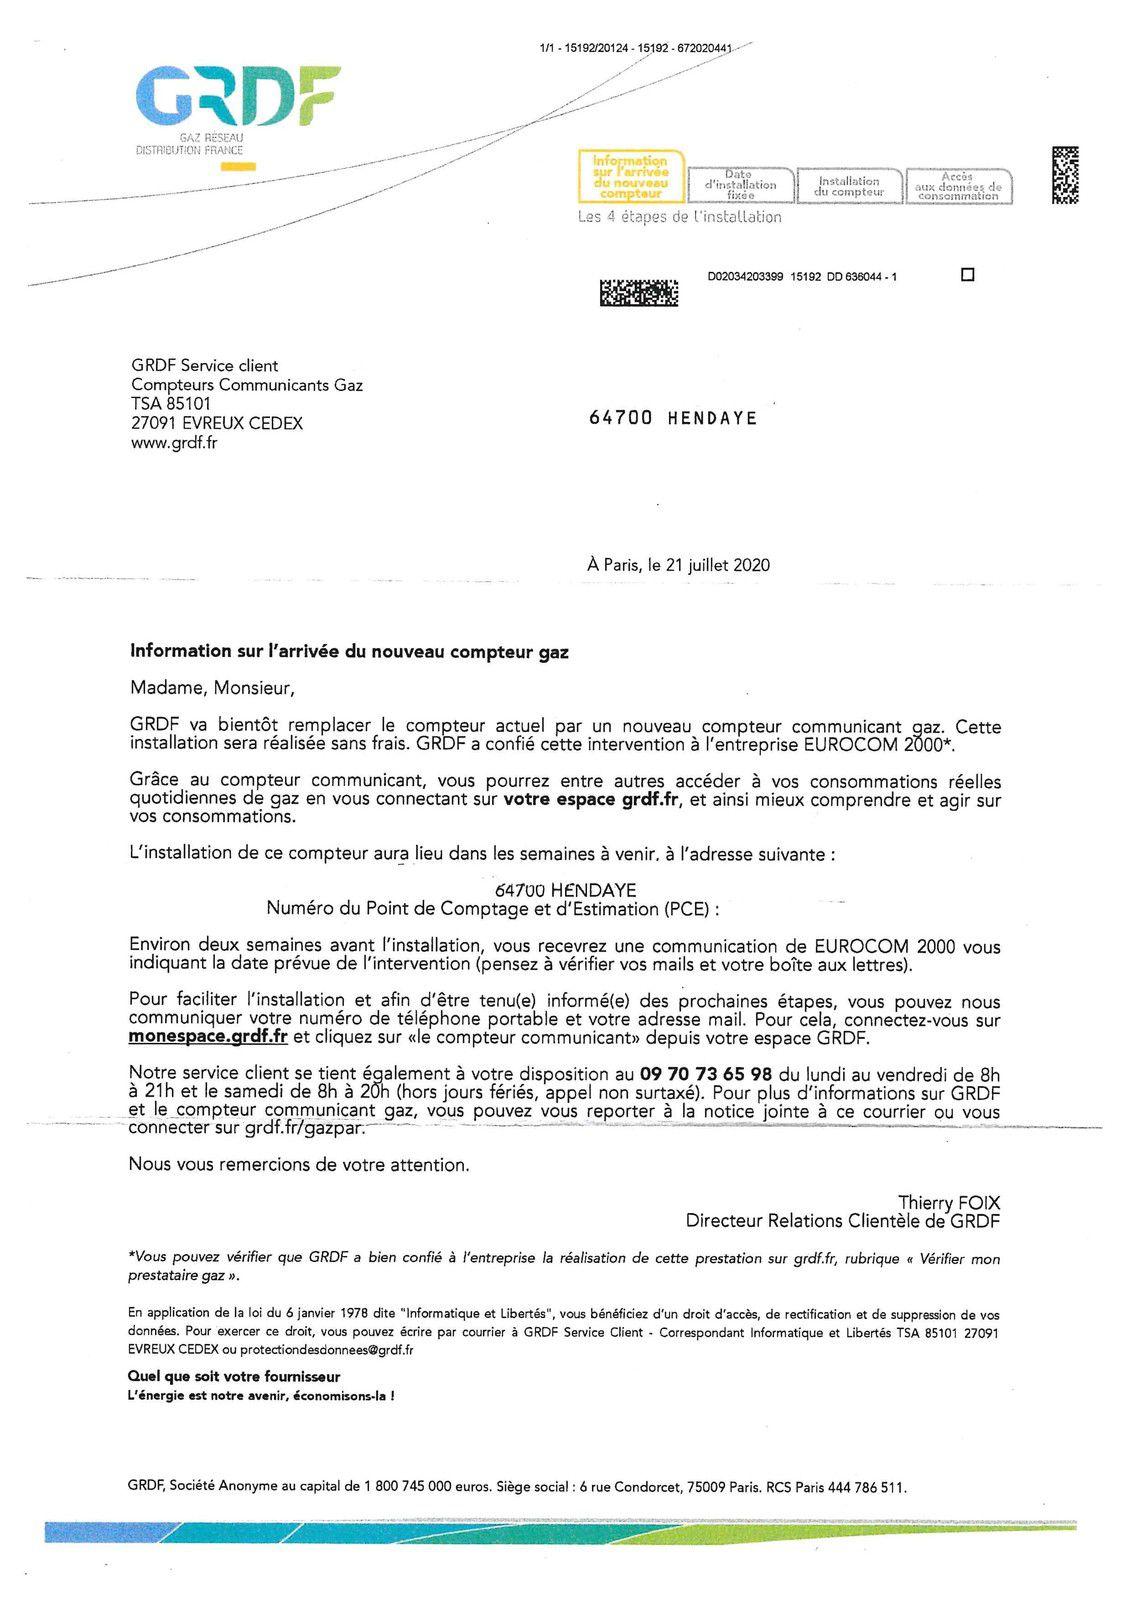 GAZPAR/ALERTE : Des Hendayais/e ont reçu une lettre de GRDF leur annonçant la pose prochaine du compteur de Gaz dit « intelligent »